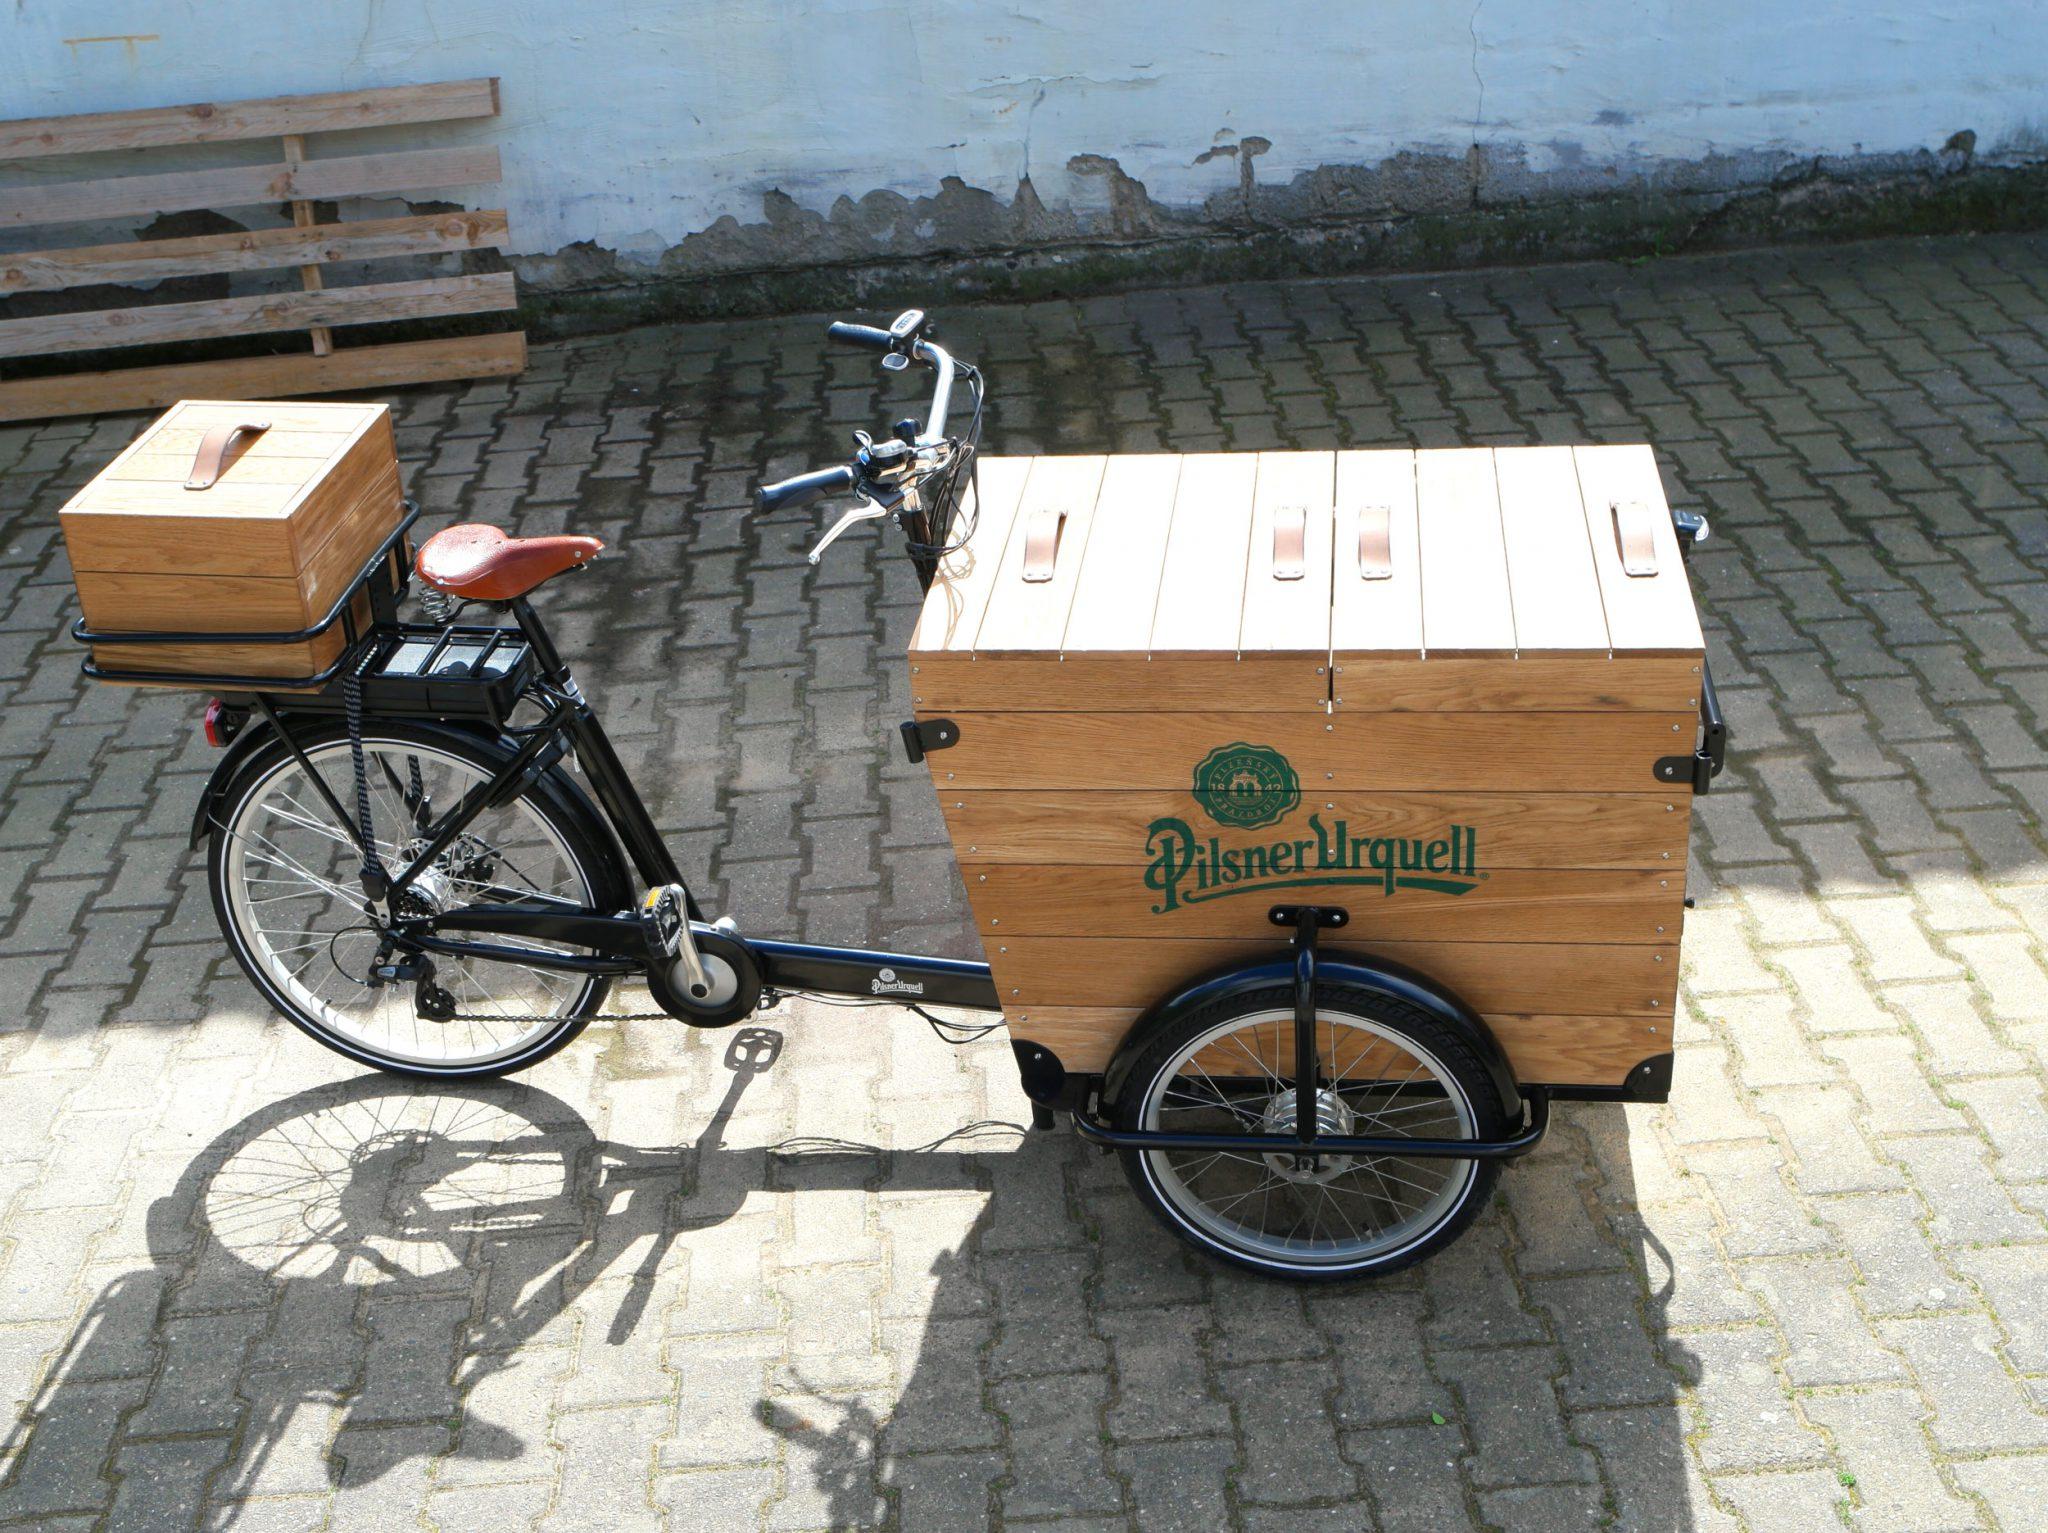 Pilsner Urquell Bar Bike Design Stil Manipulation 2016